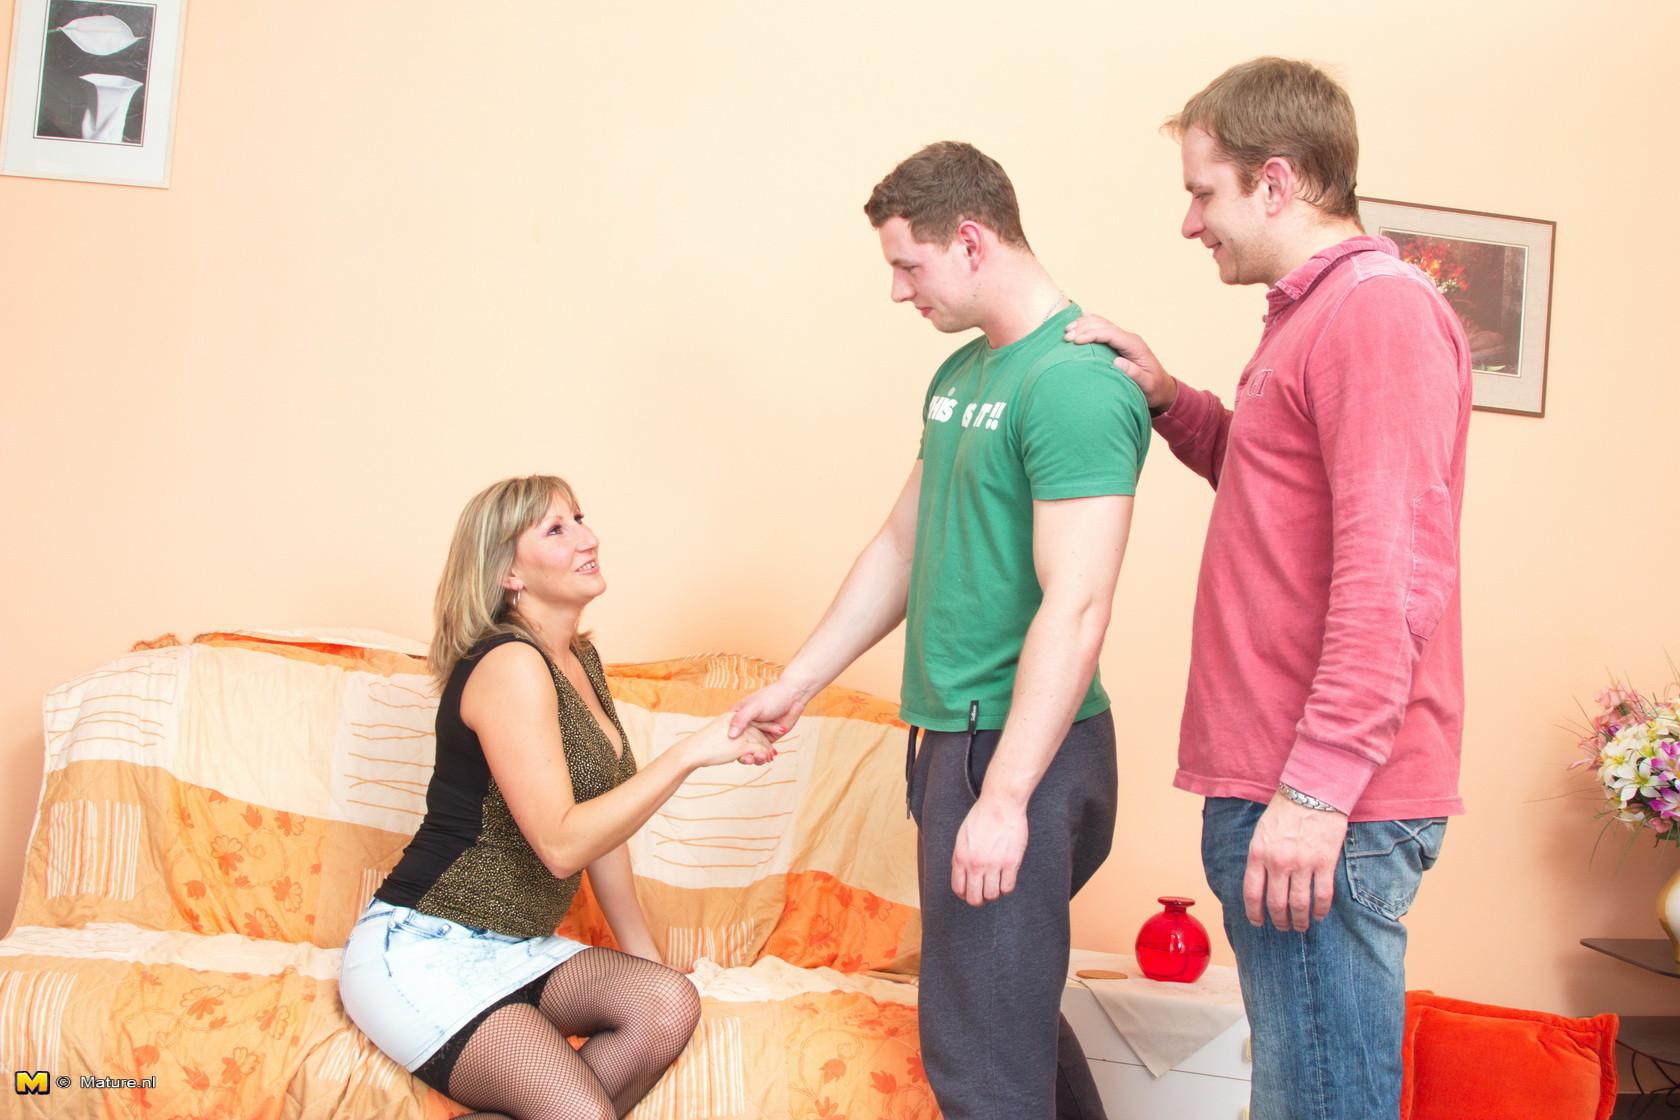 Зрелая телка совращает парней, которые решают устроить настоящую групповую оргию